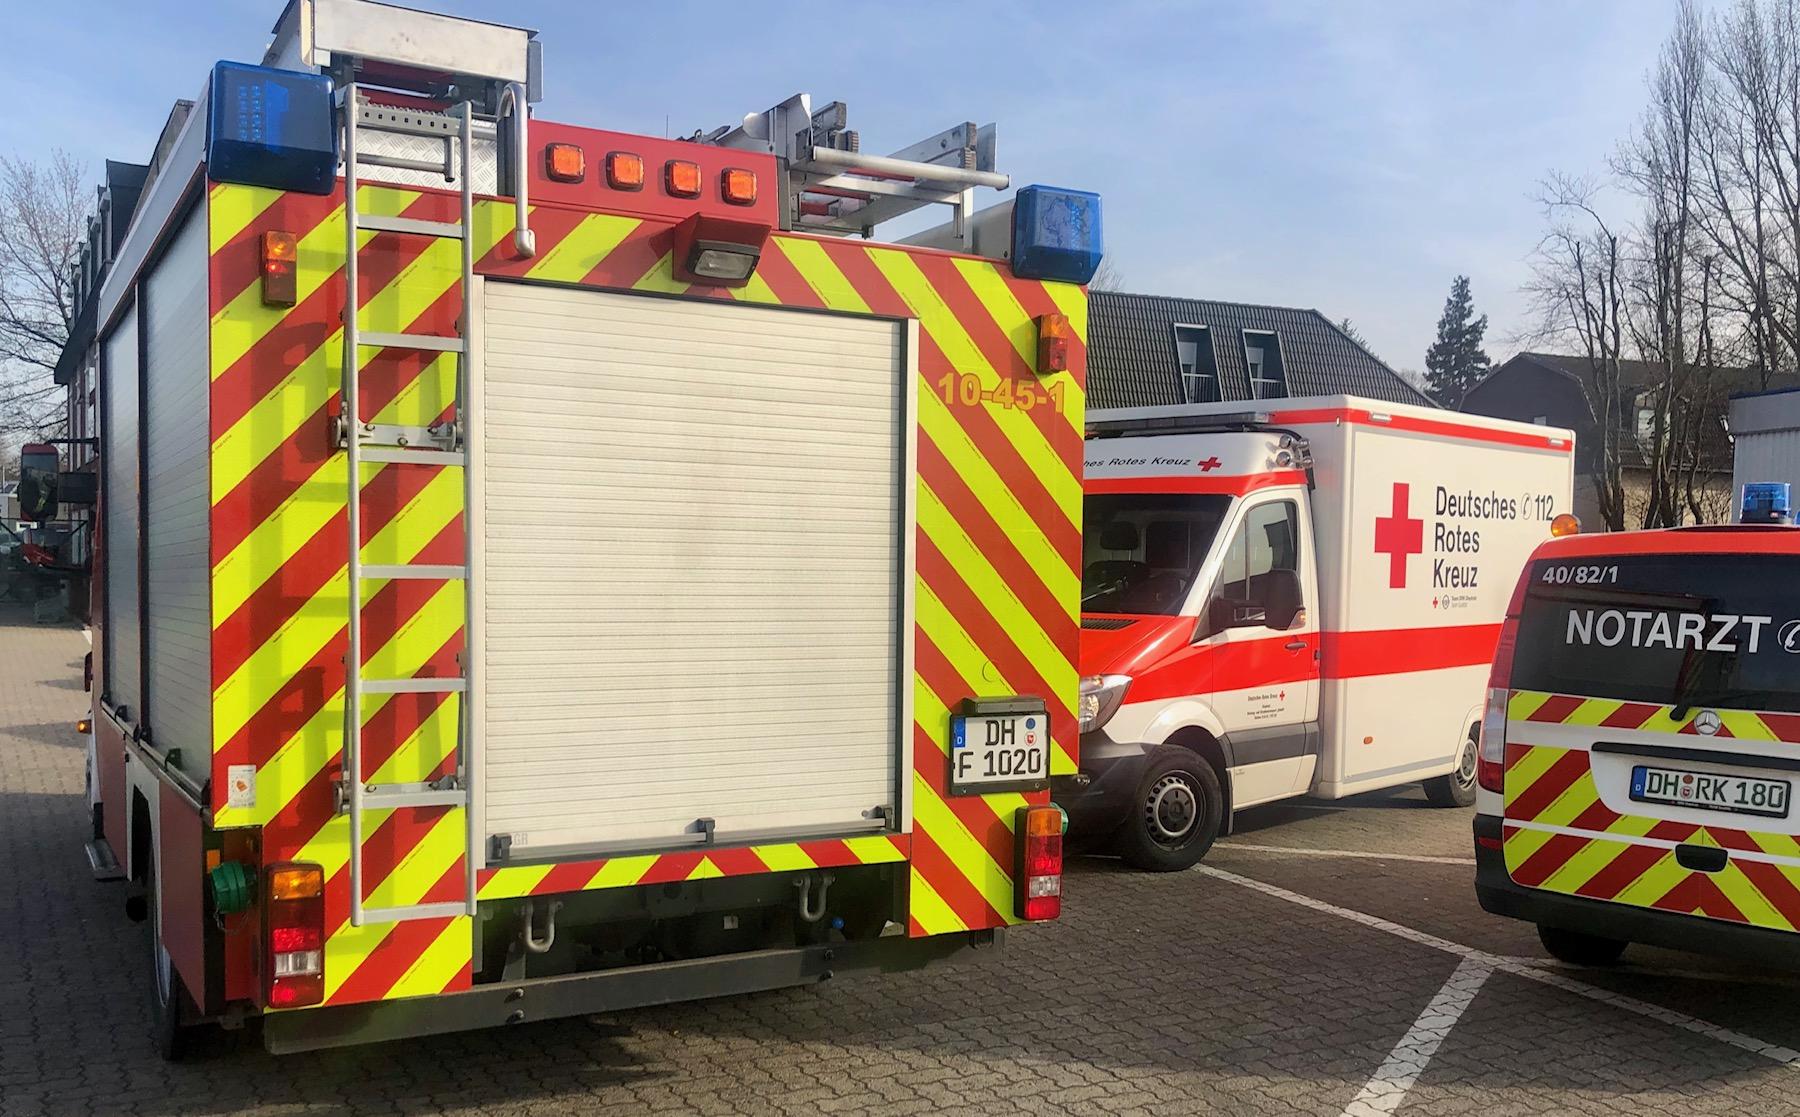 Technische Hilfeleistung - Personenrettung